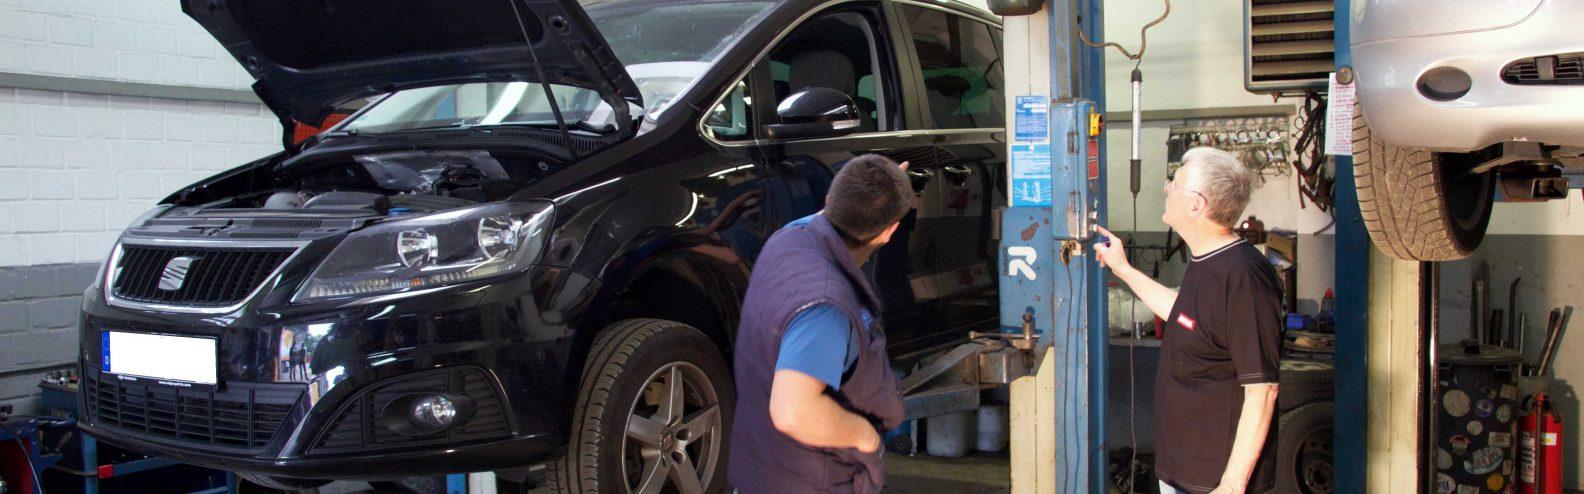 Auto Böhme Solingen bietet erstklassigen Service immer zu besten Preisen.